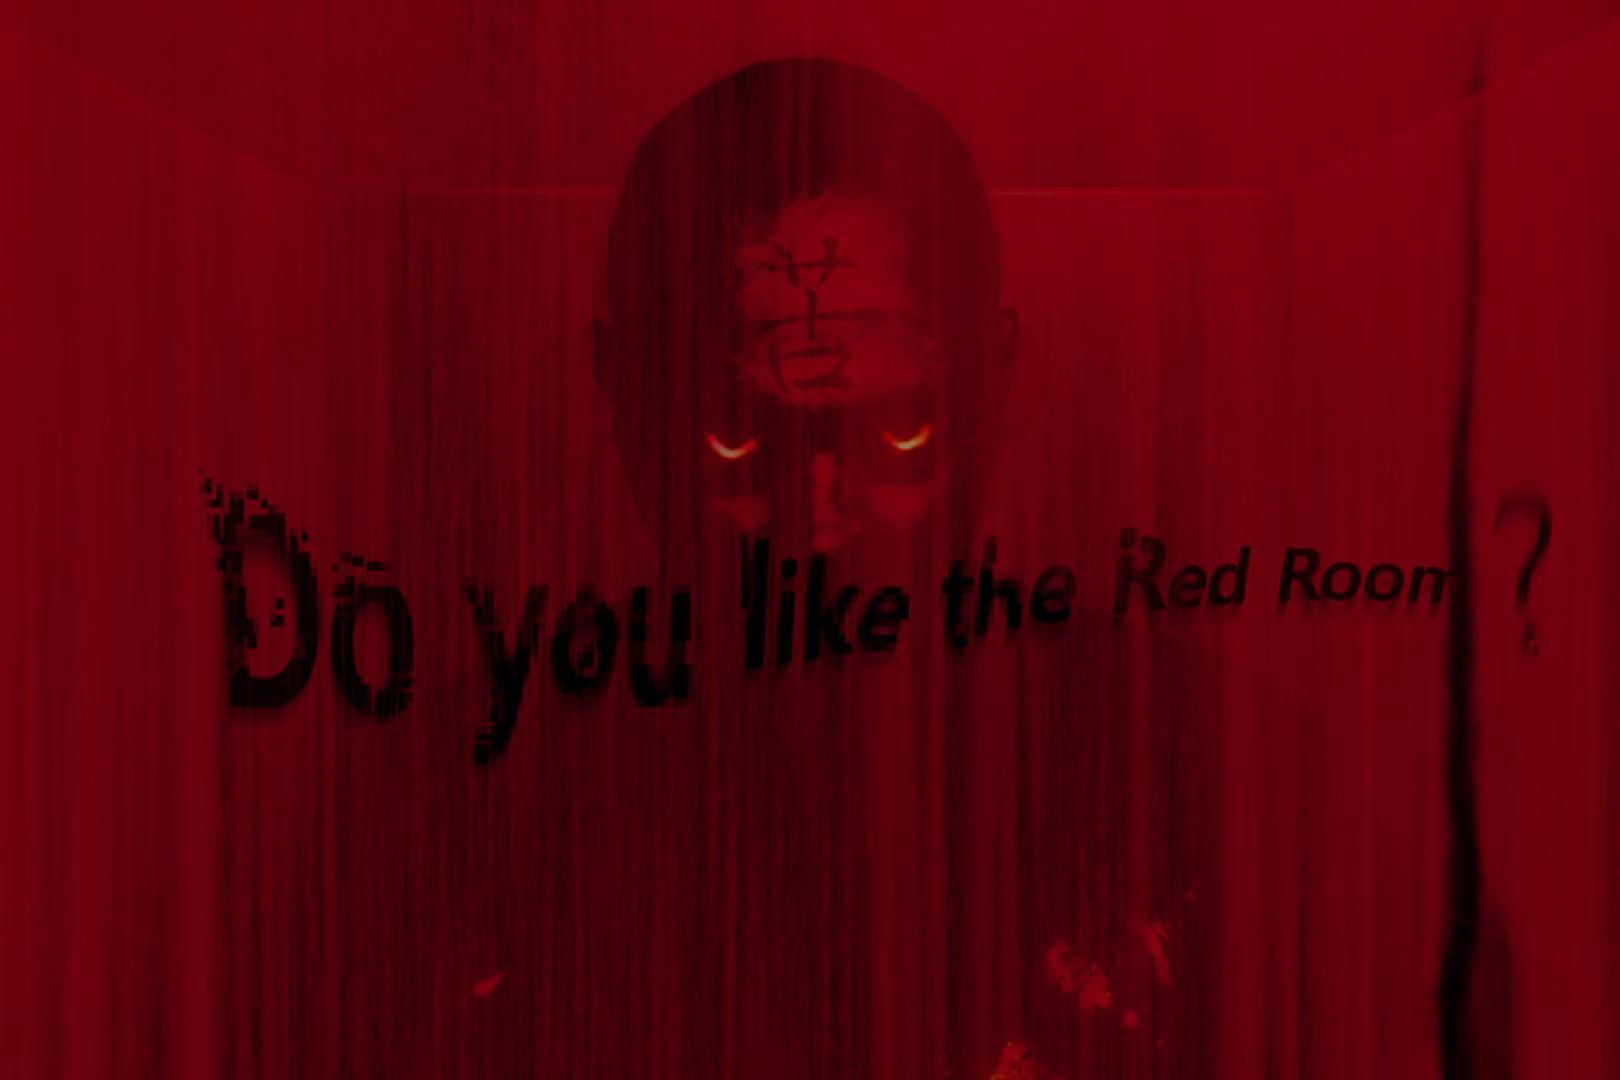 CreepyShake-akták XXVII. rész 3. kép